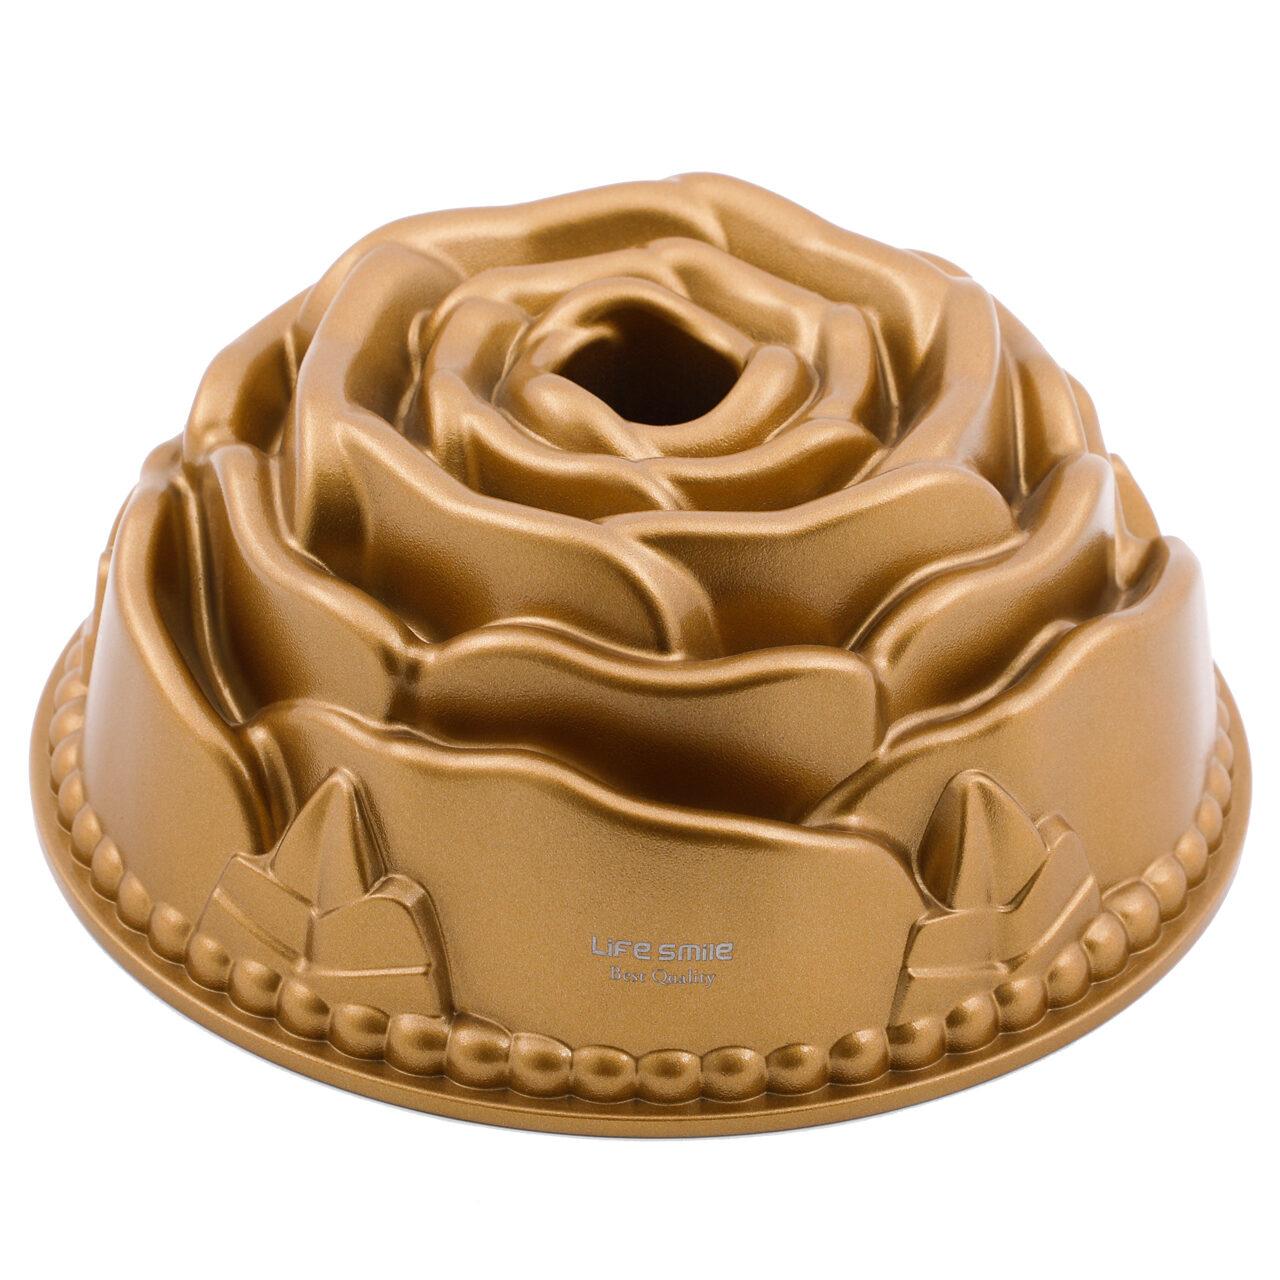 Life Smile Rose Cake Pan